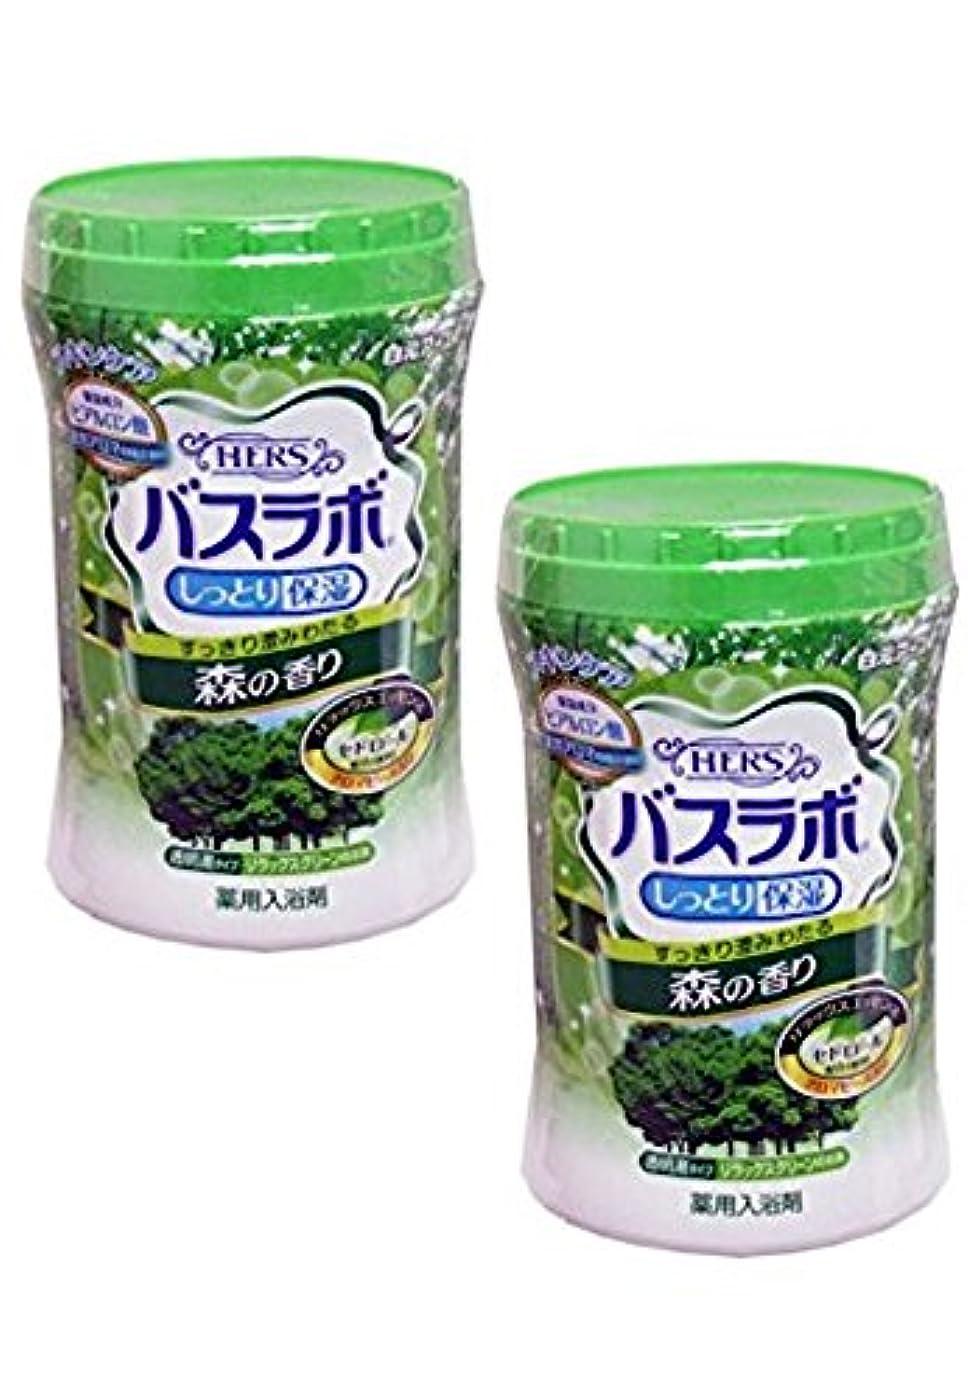 機構賢いアテンダントバスラボ しっとり保湿 薬用入浴剤 森の香り 680g 2個 [並行輸入品]